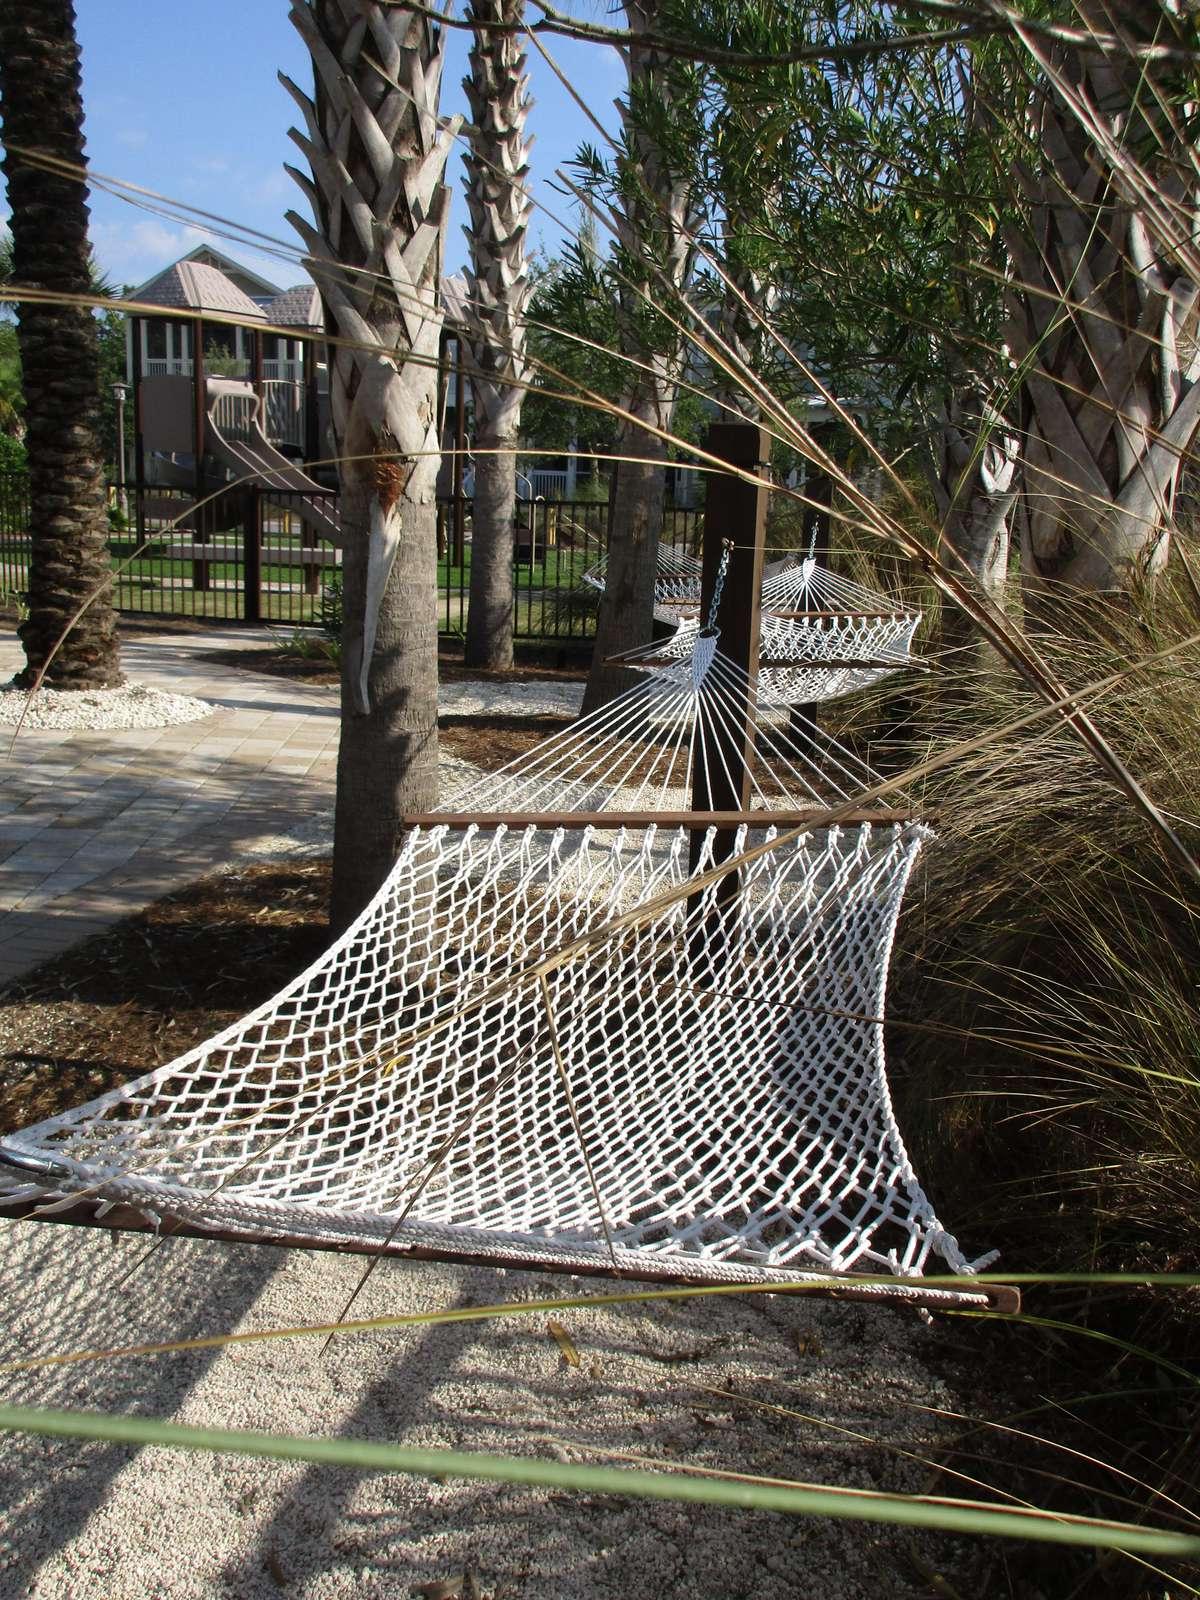 poolside hammocks